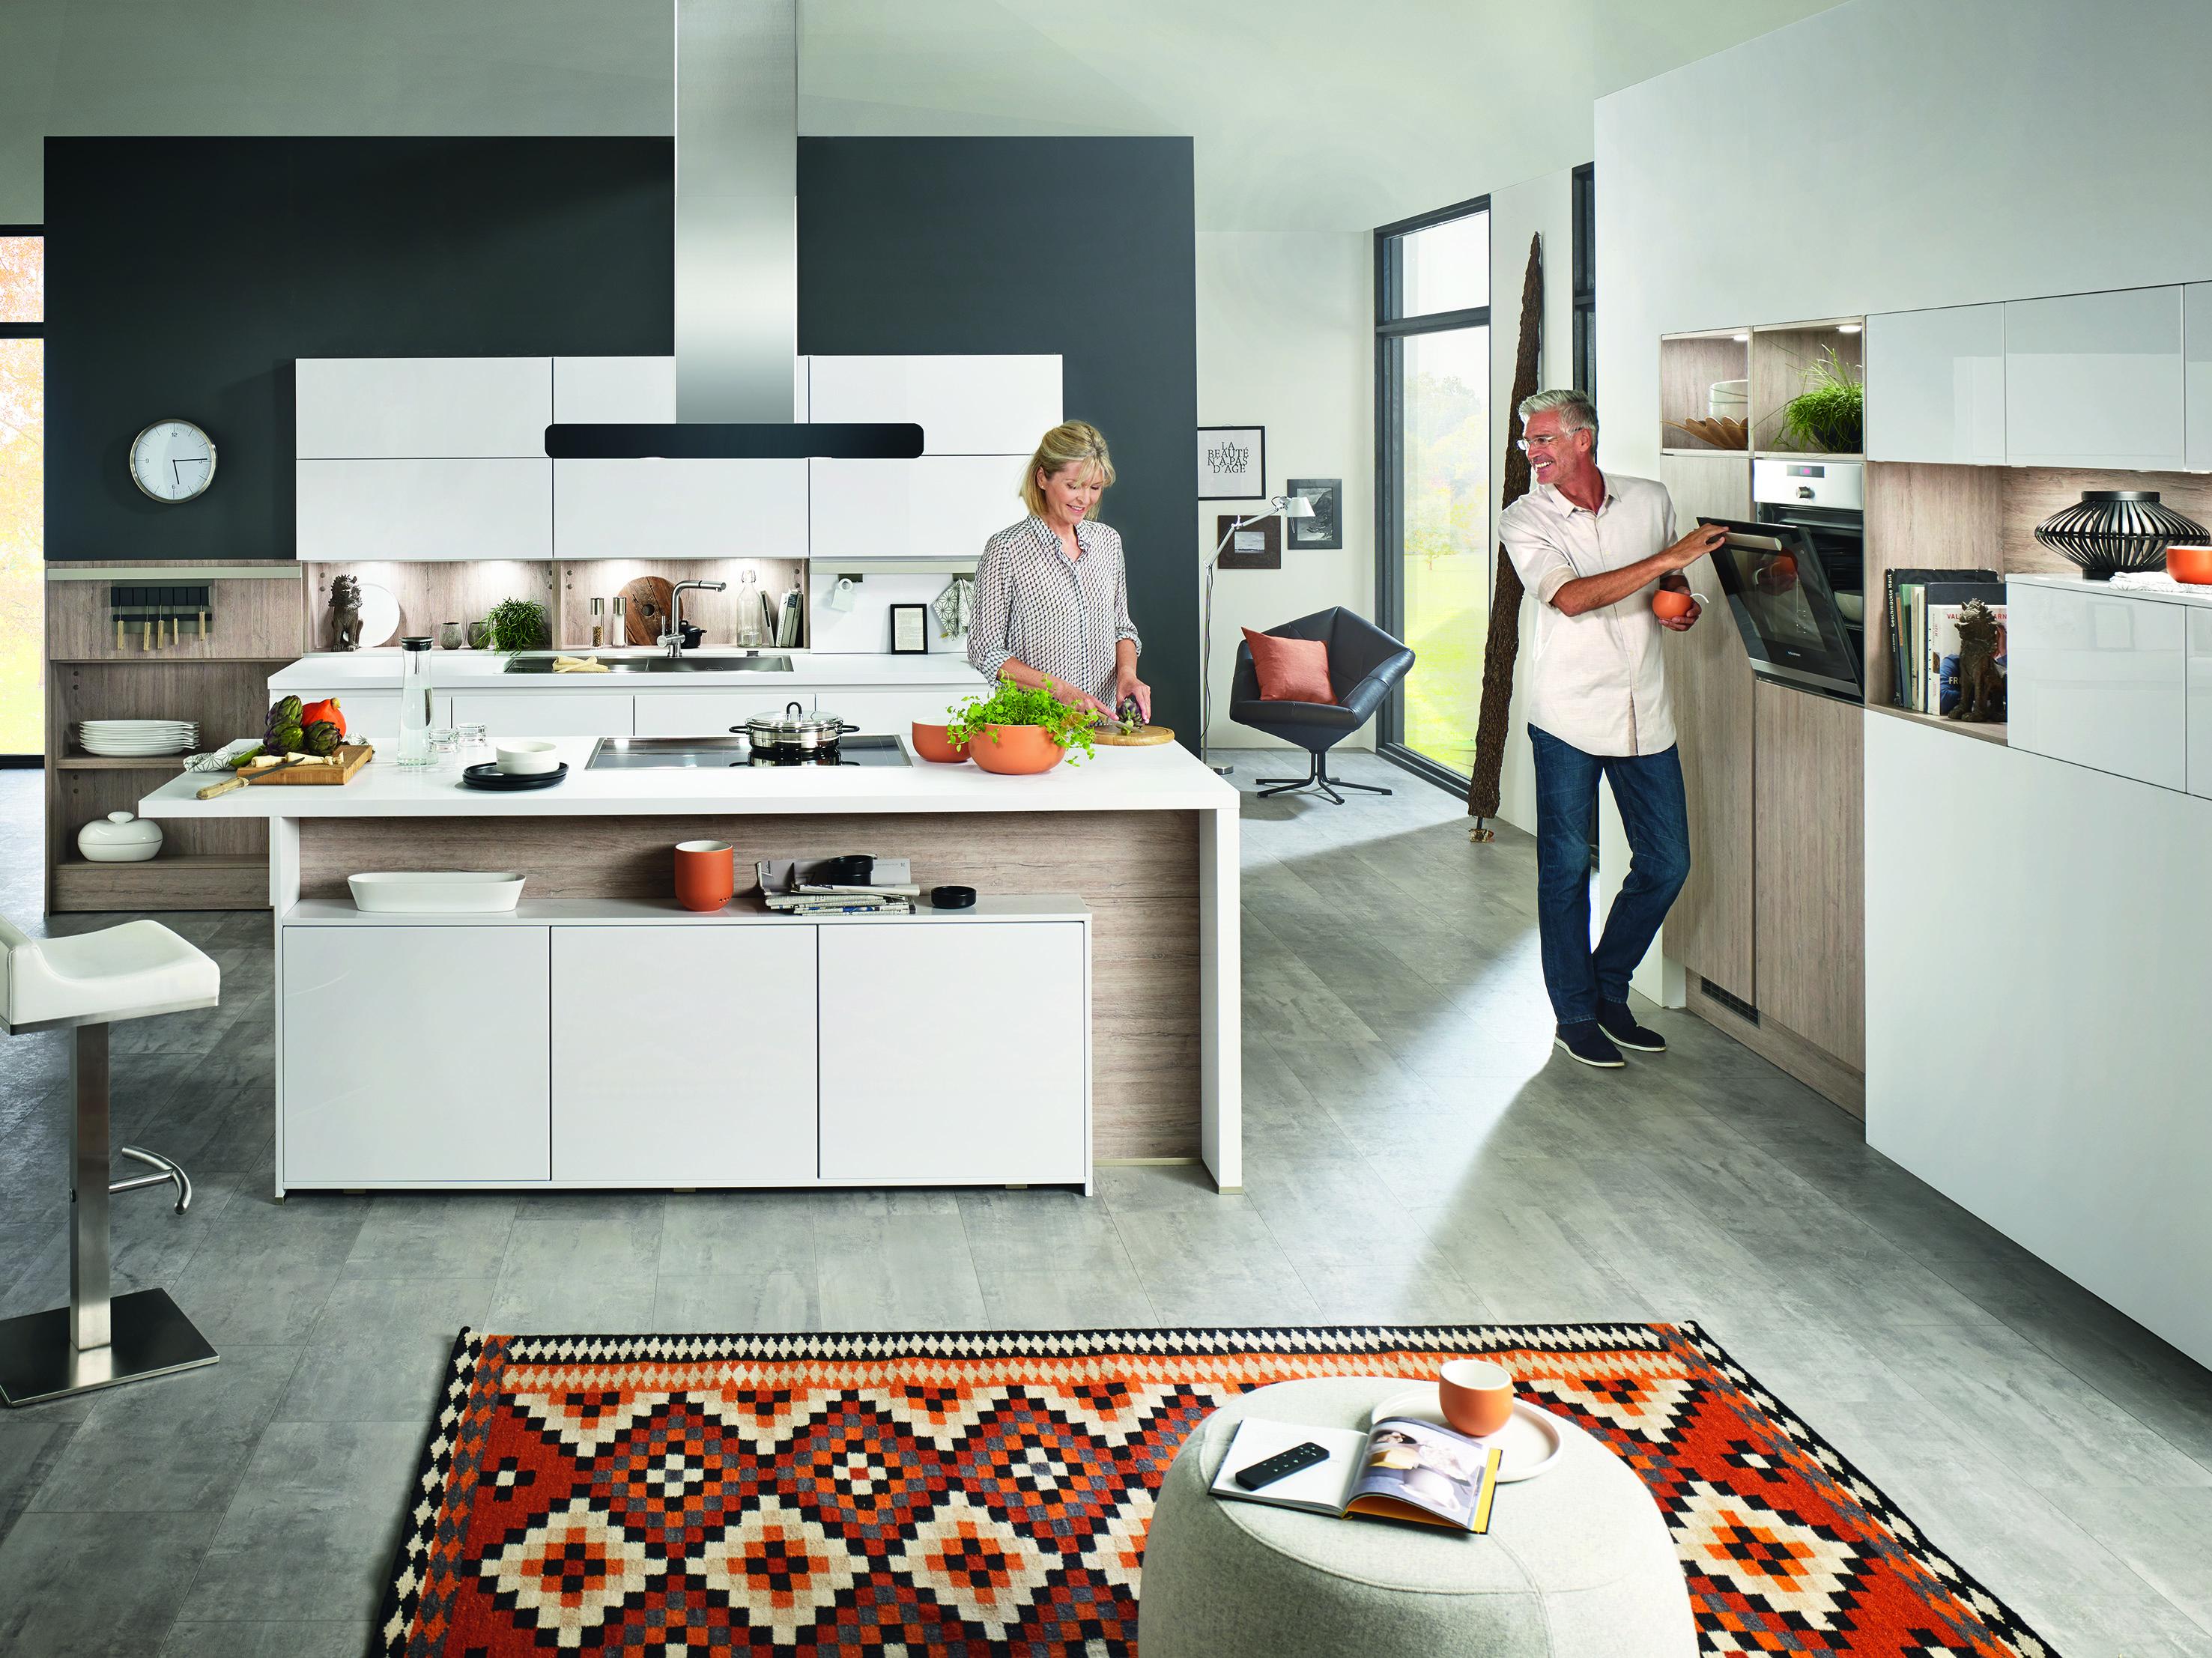 Offene Küchen: die modernen Wohnküchen von Küche&Co - Küche&Co